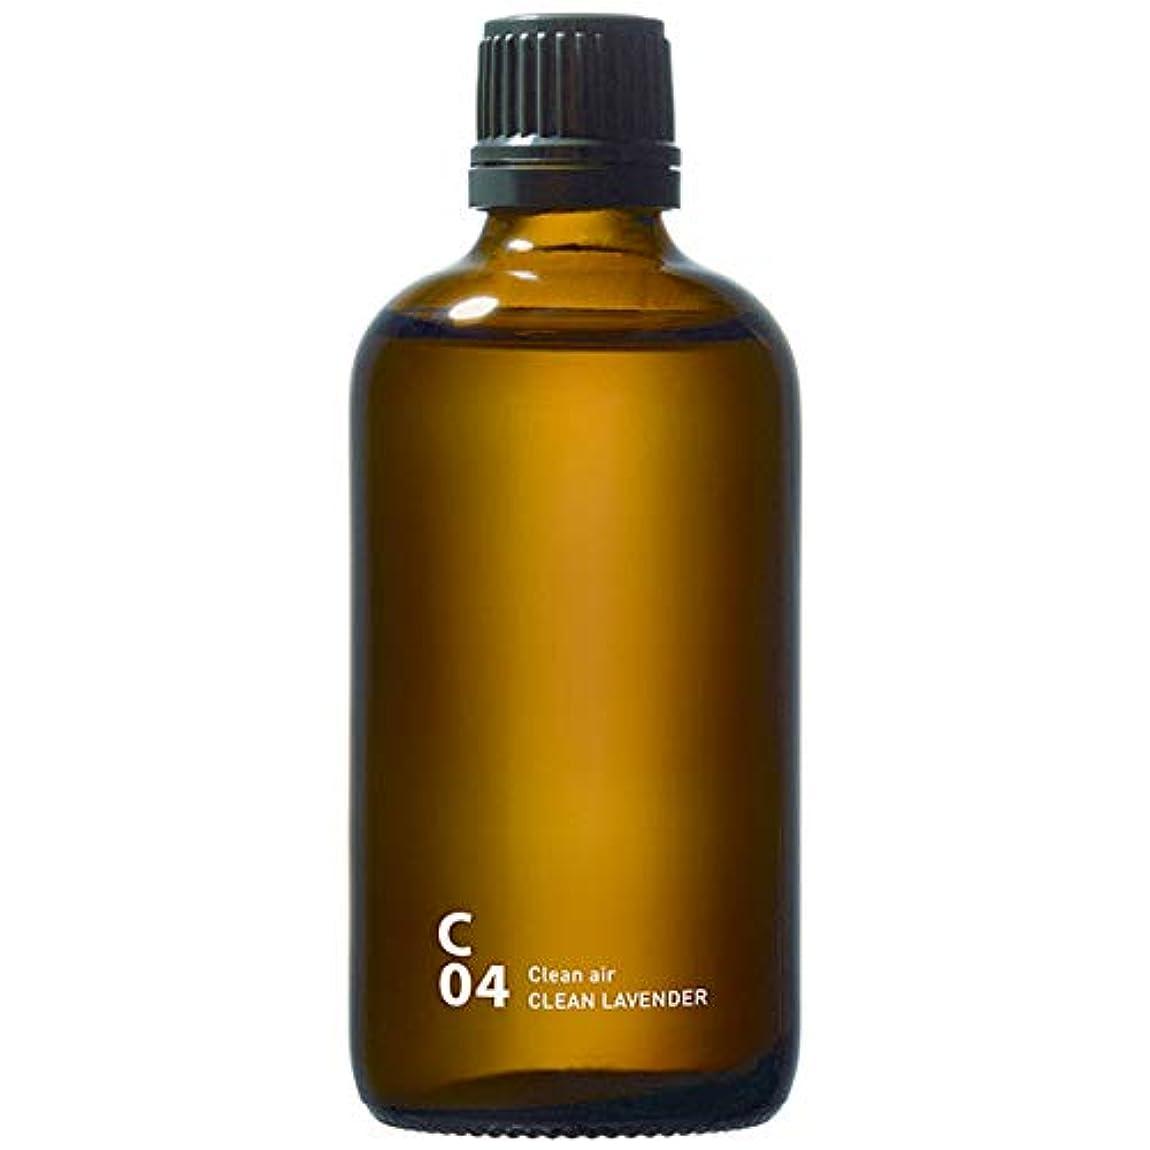 センブランス機関パワーセルC04 CLEAN LAVENDER piezo aroma oil 100ml